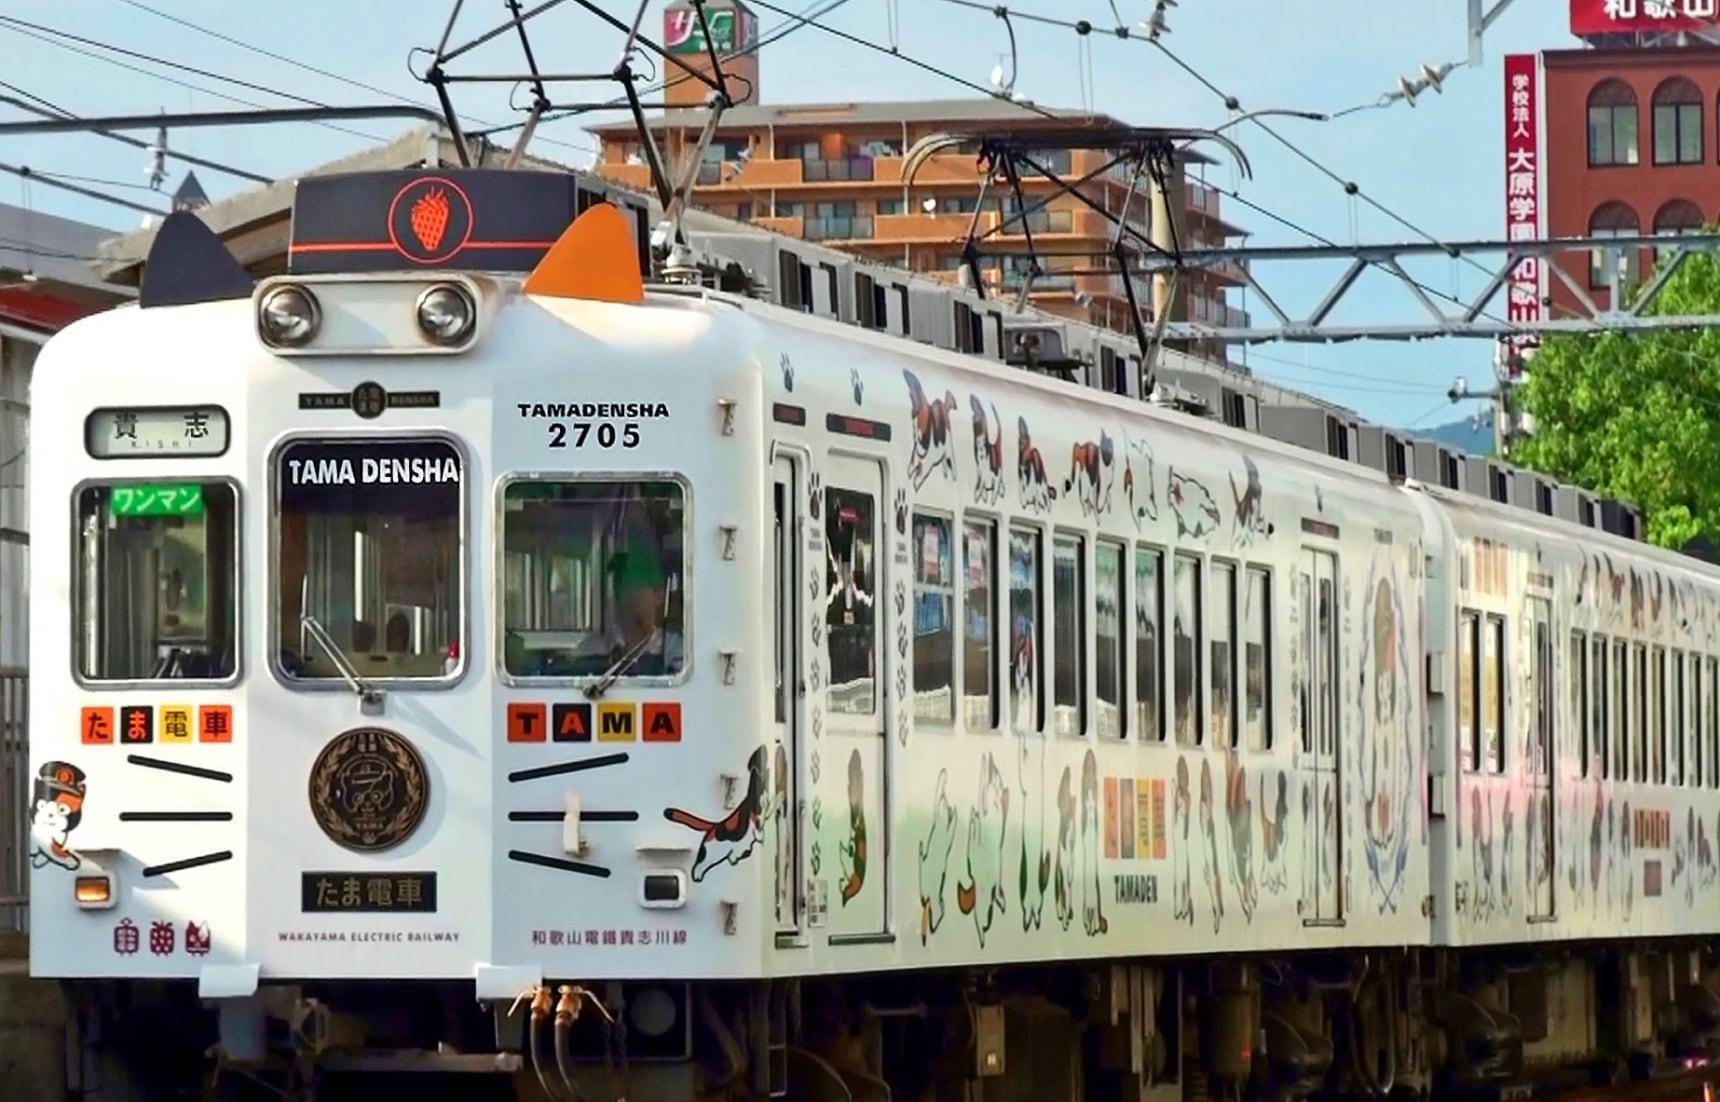 6 รถไฟสุดแปลกของญี่ปุ่น